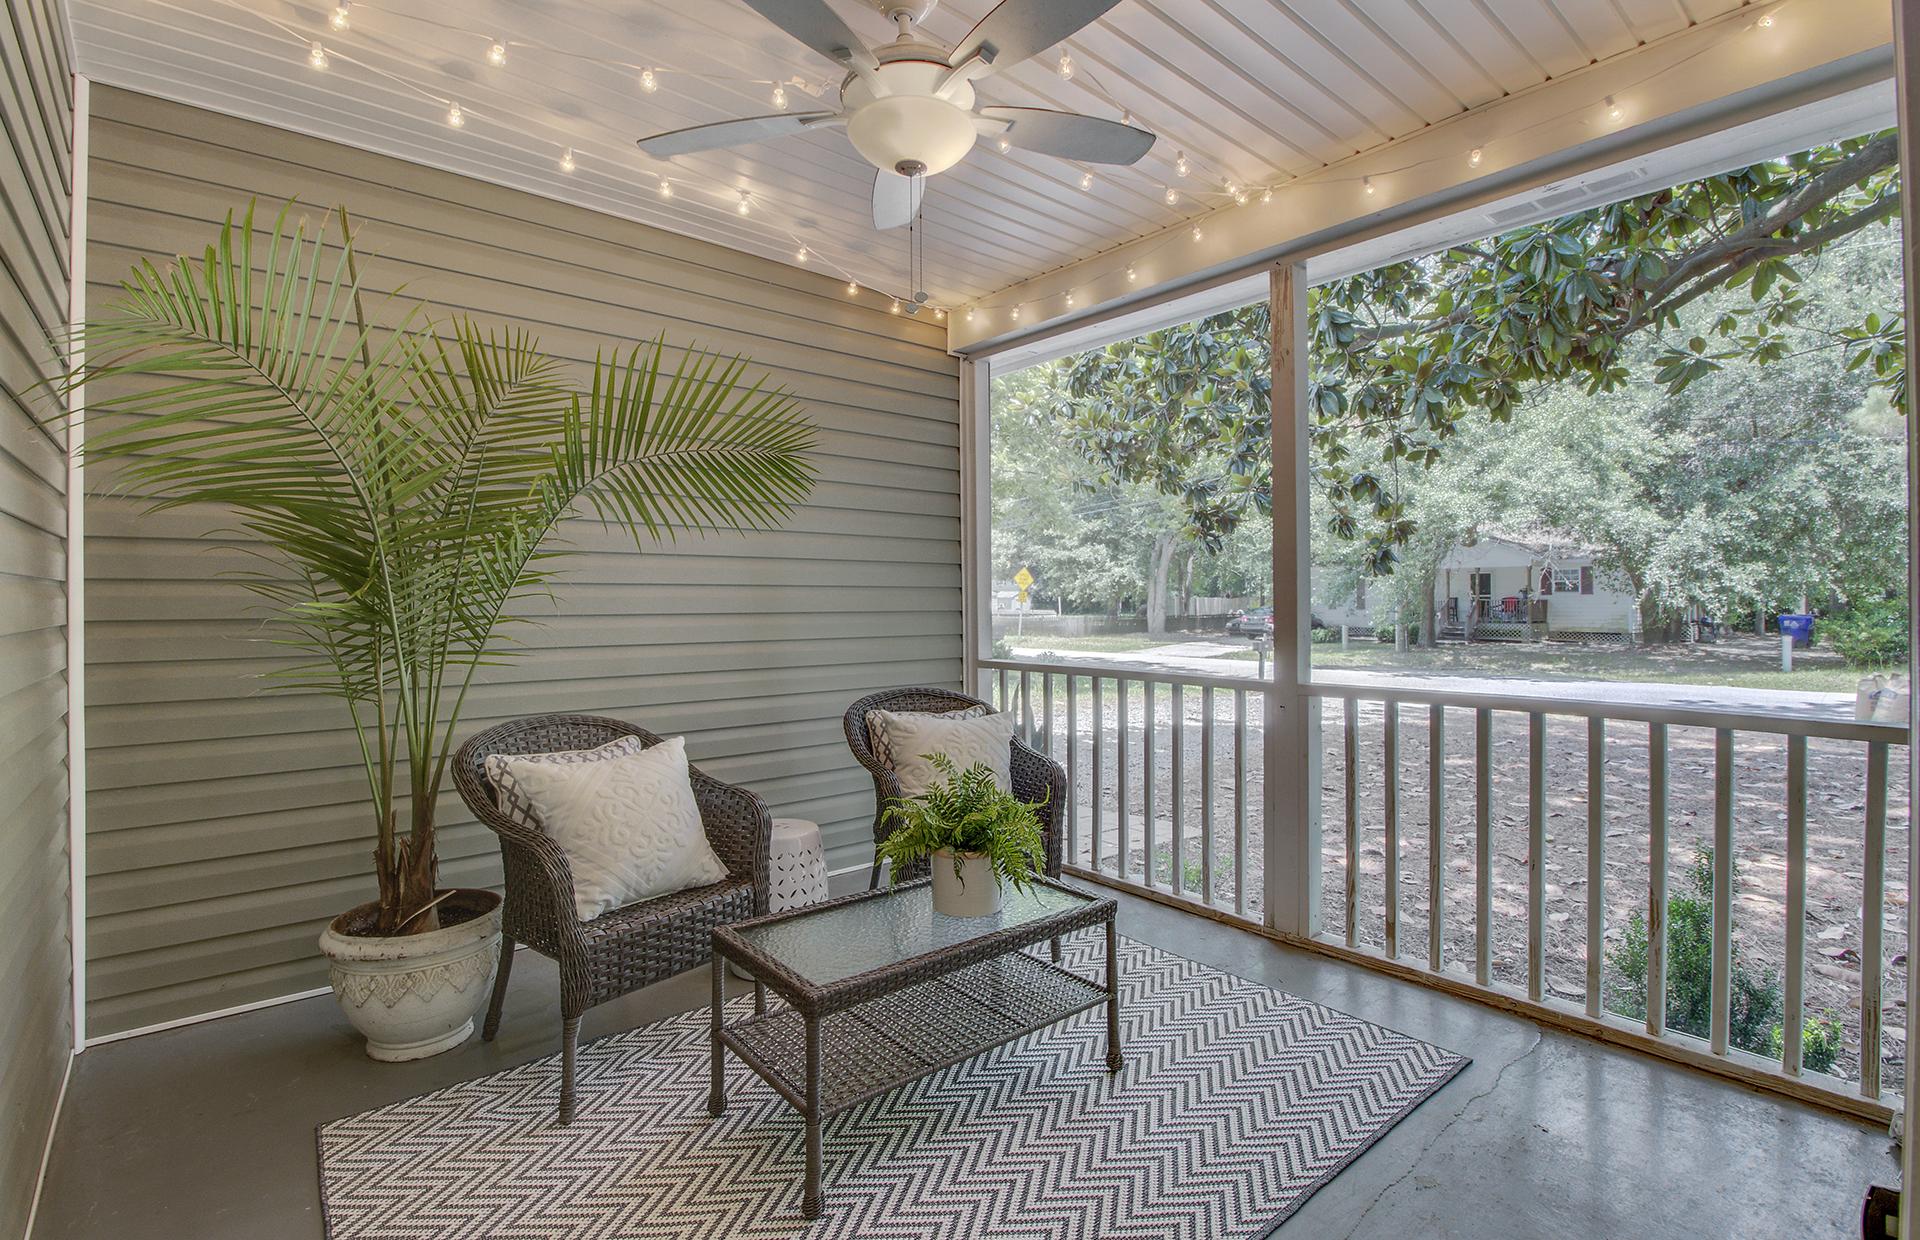 6 Porch.jpg